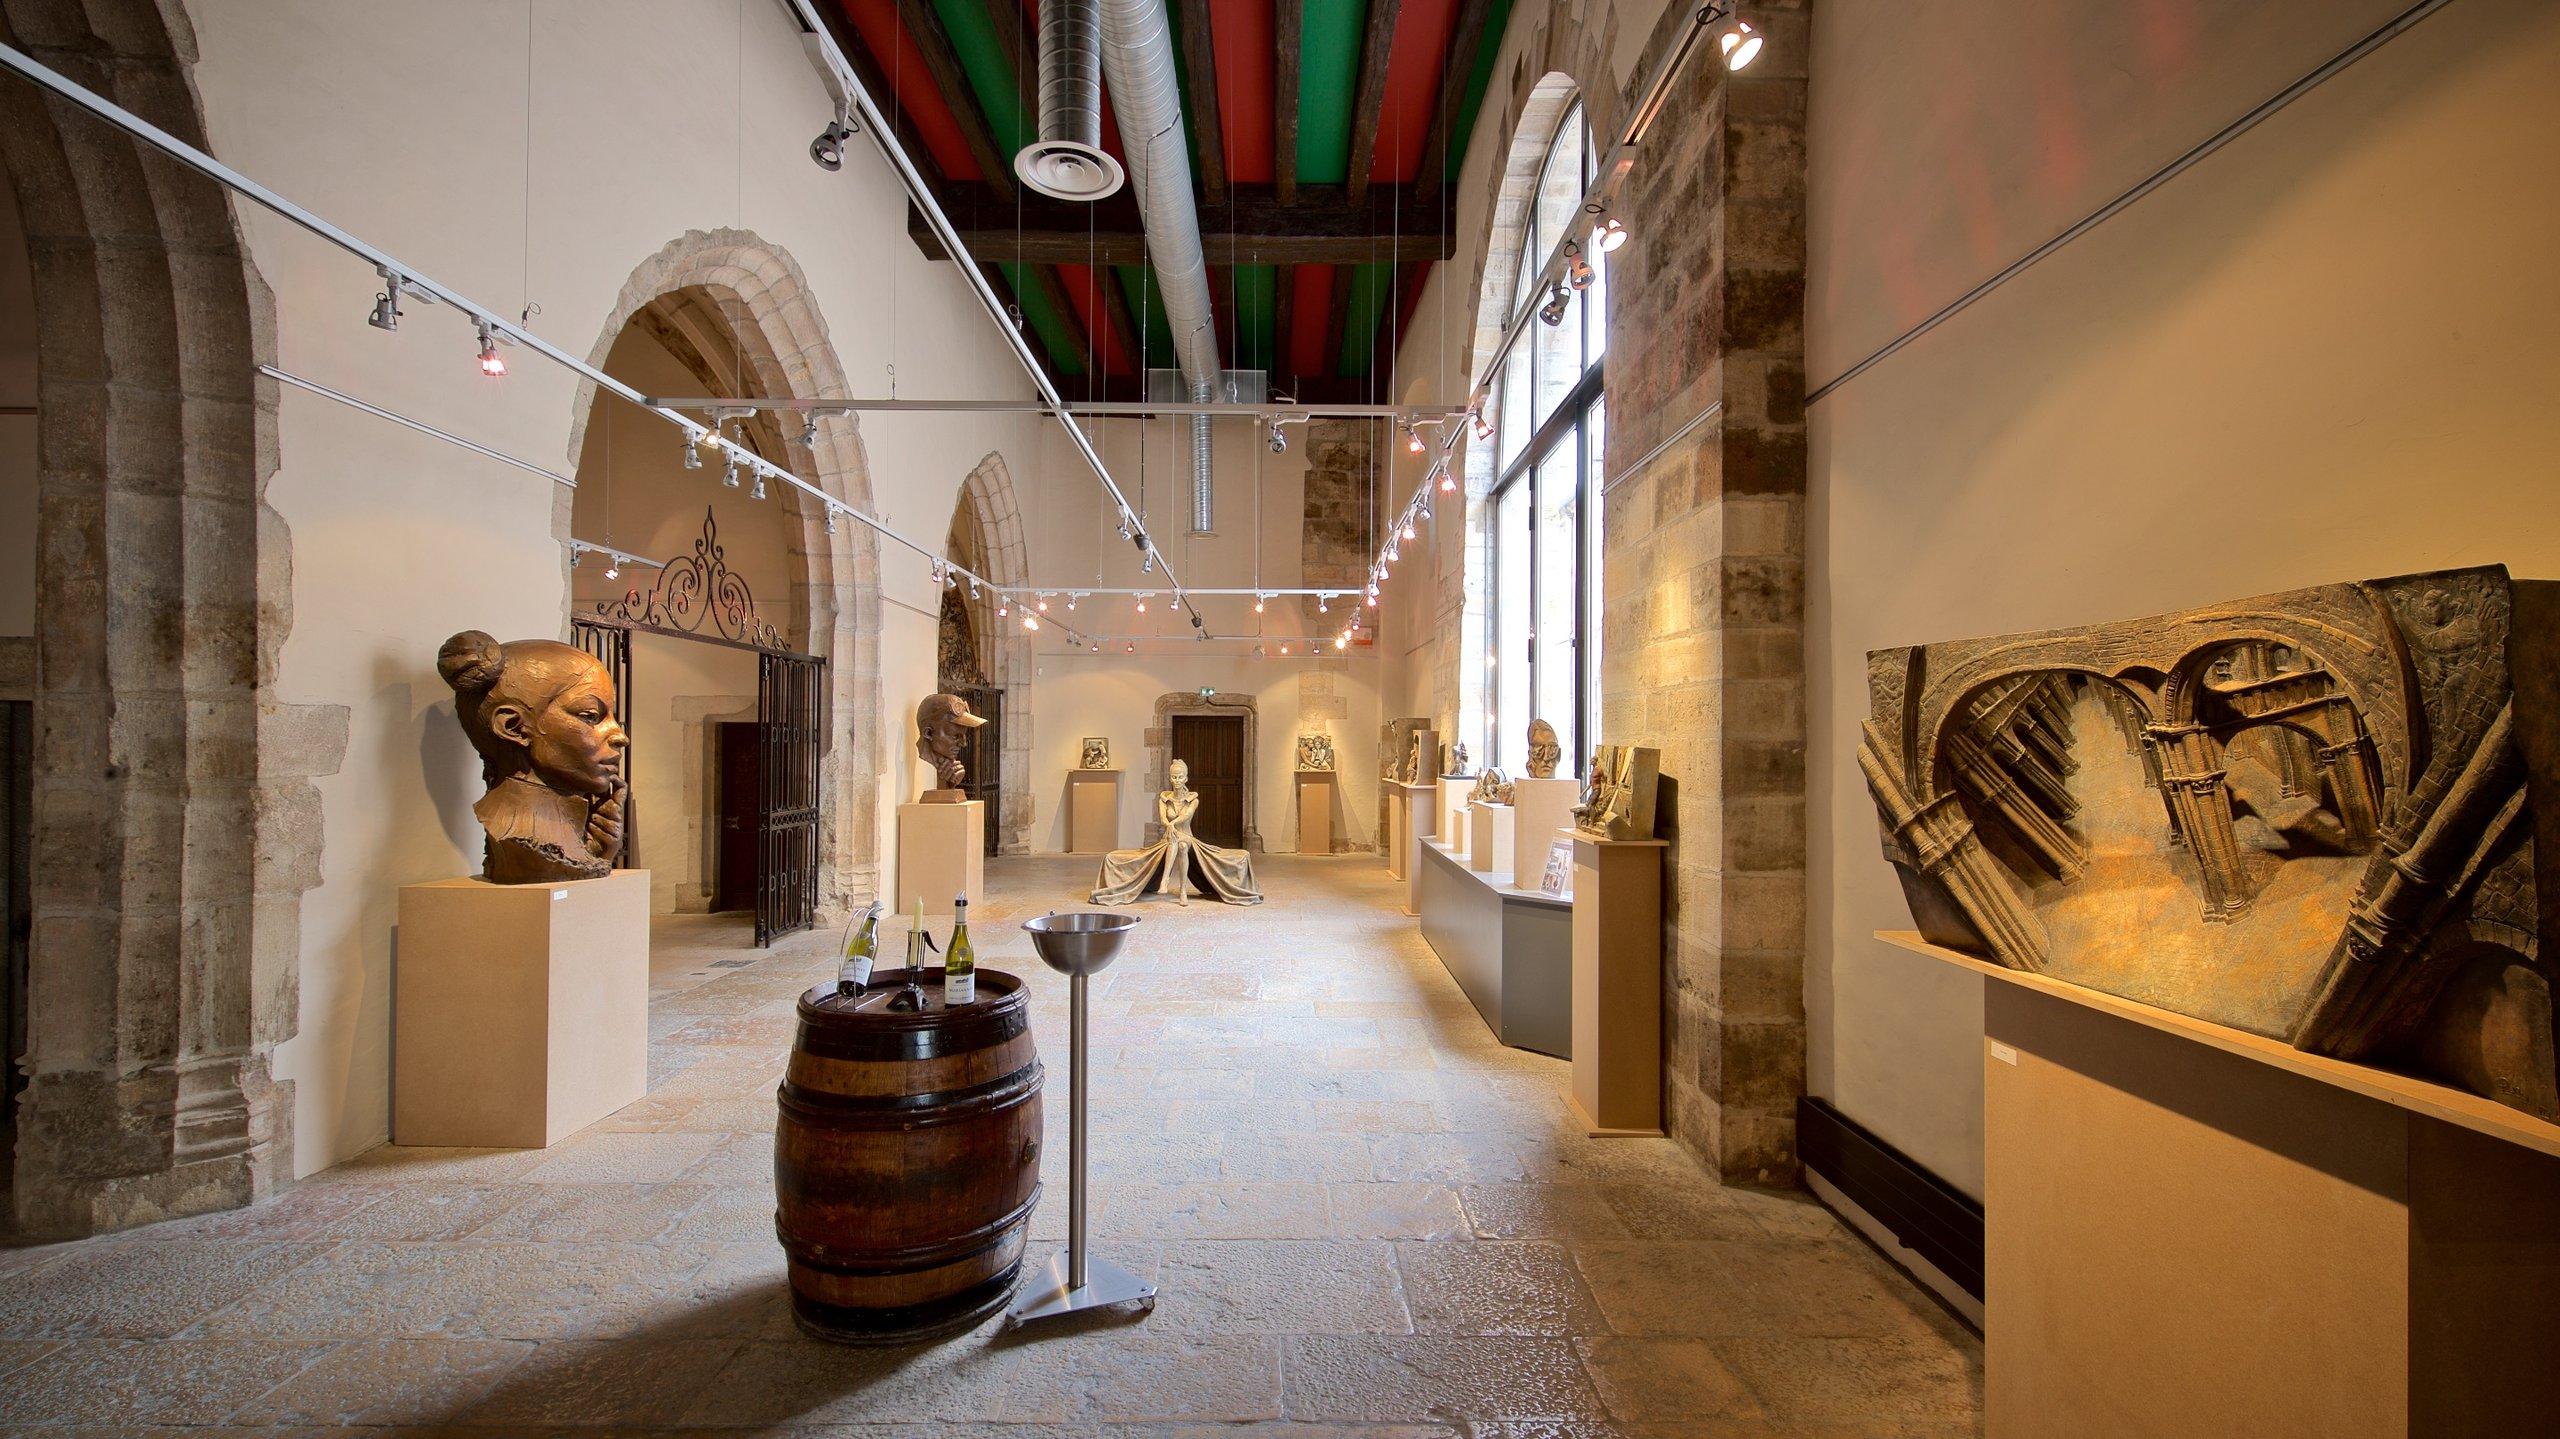 Cette cave située sous une église du XVe siècle vous propose de déguster certains des meilleures crus de Bourgogne et d'acheter quelques bouteilles.